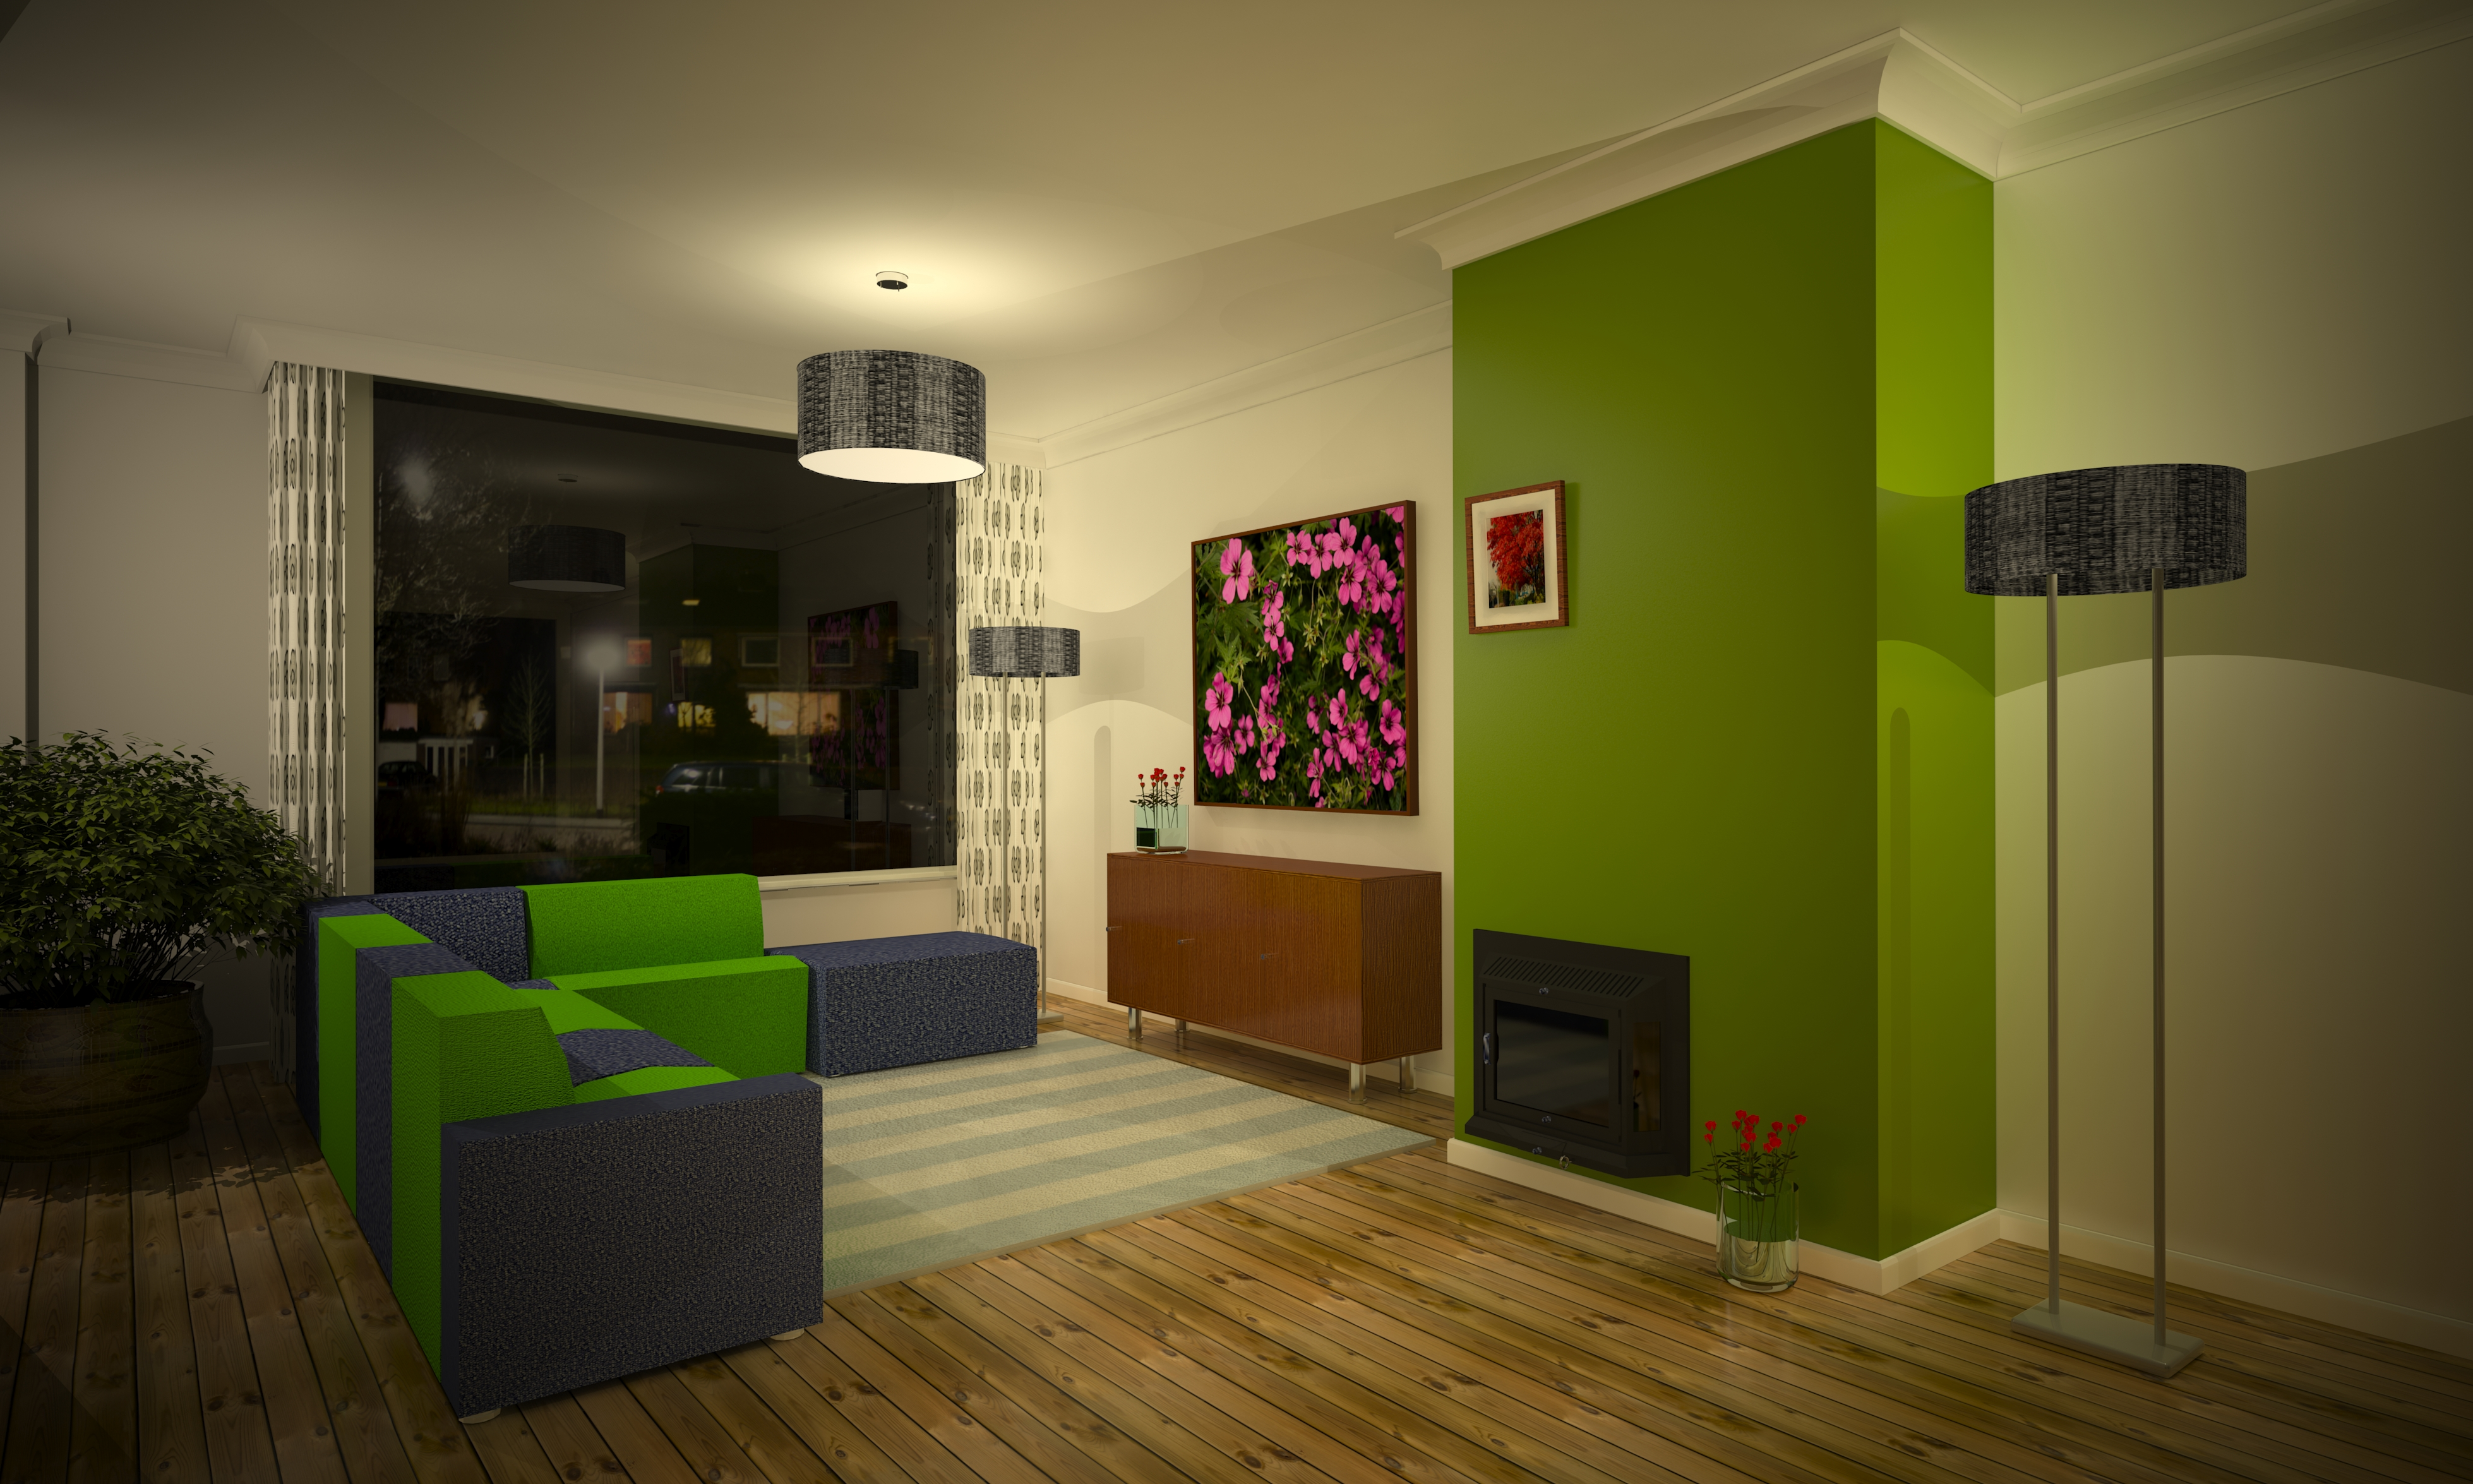 Inrichting woonkamer met paars: huisdecoratie interieur ...